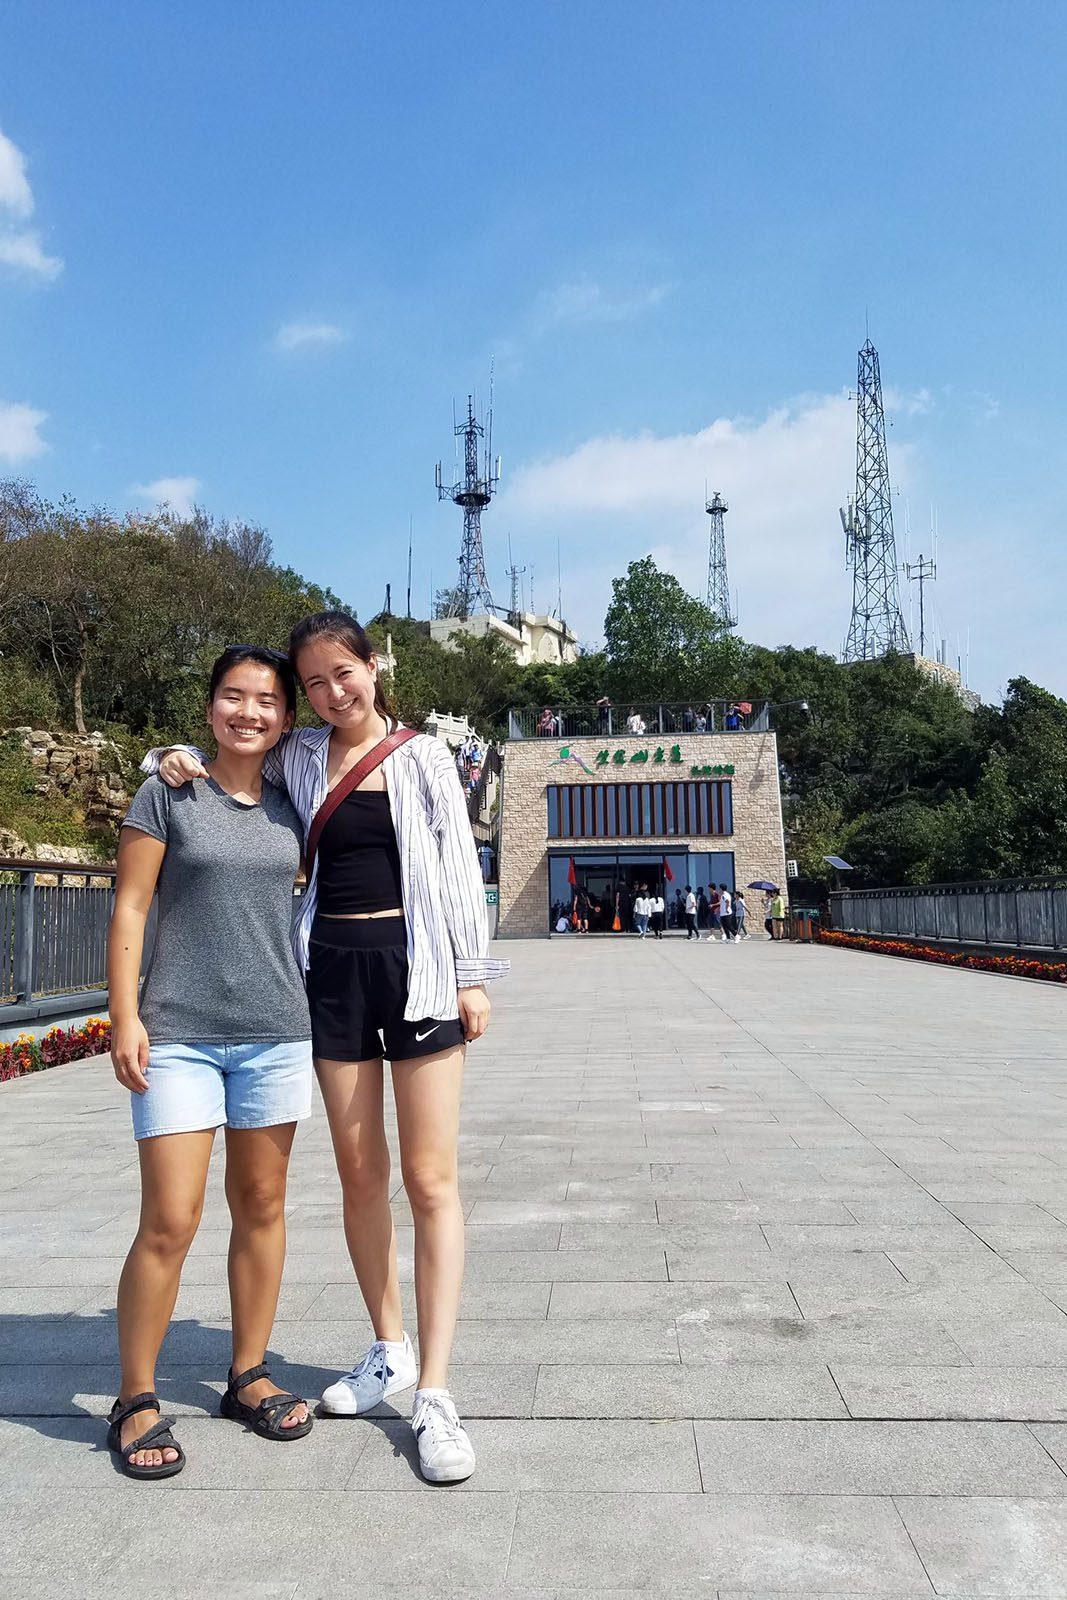 一つアンダーソン(右)と友達に建物、木、基地局、青空を背景に石橋の上に立っている。